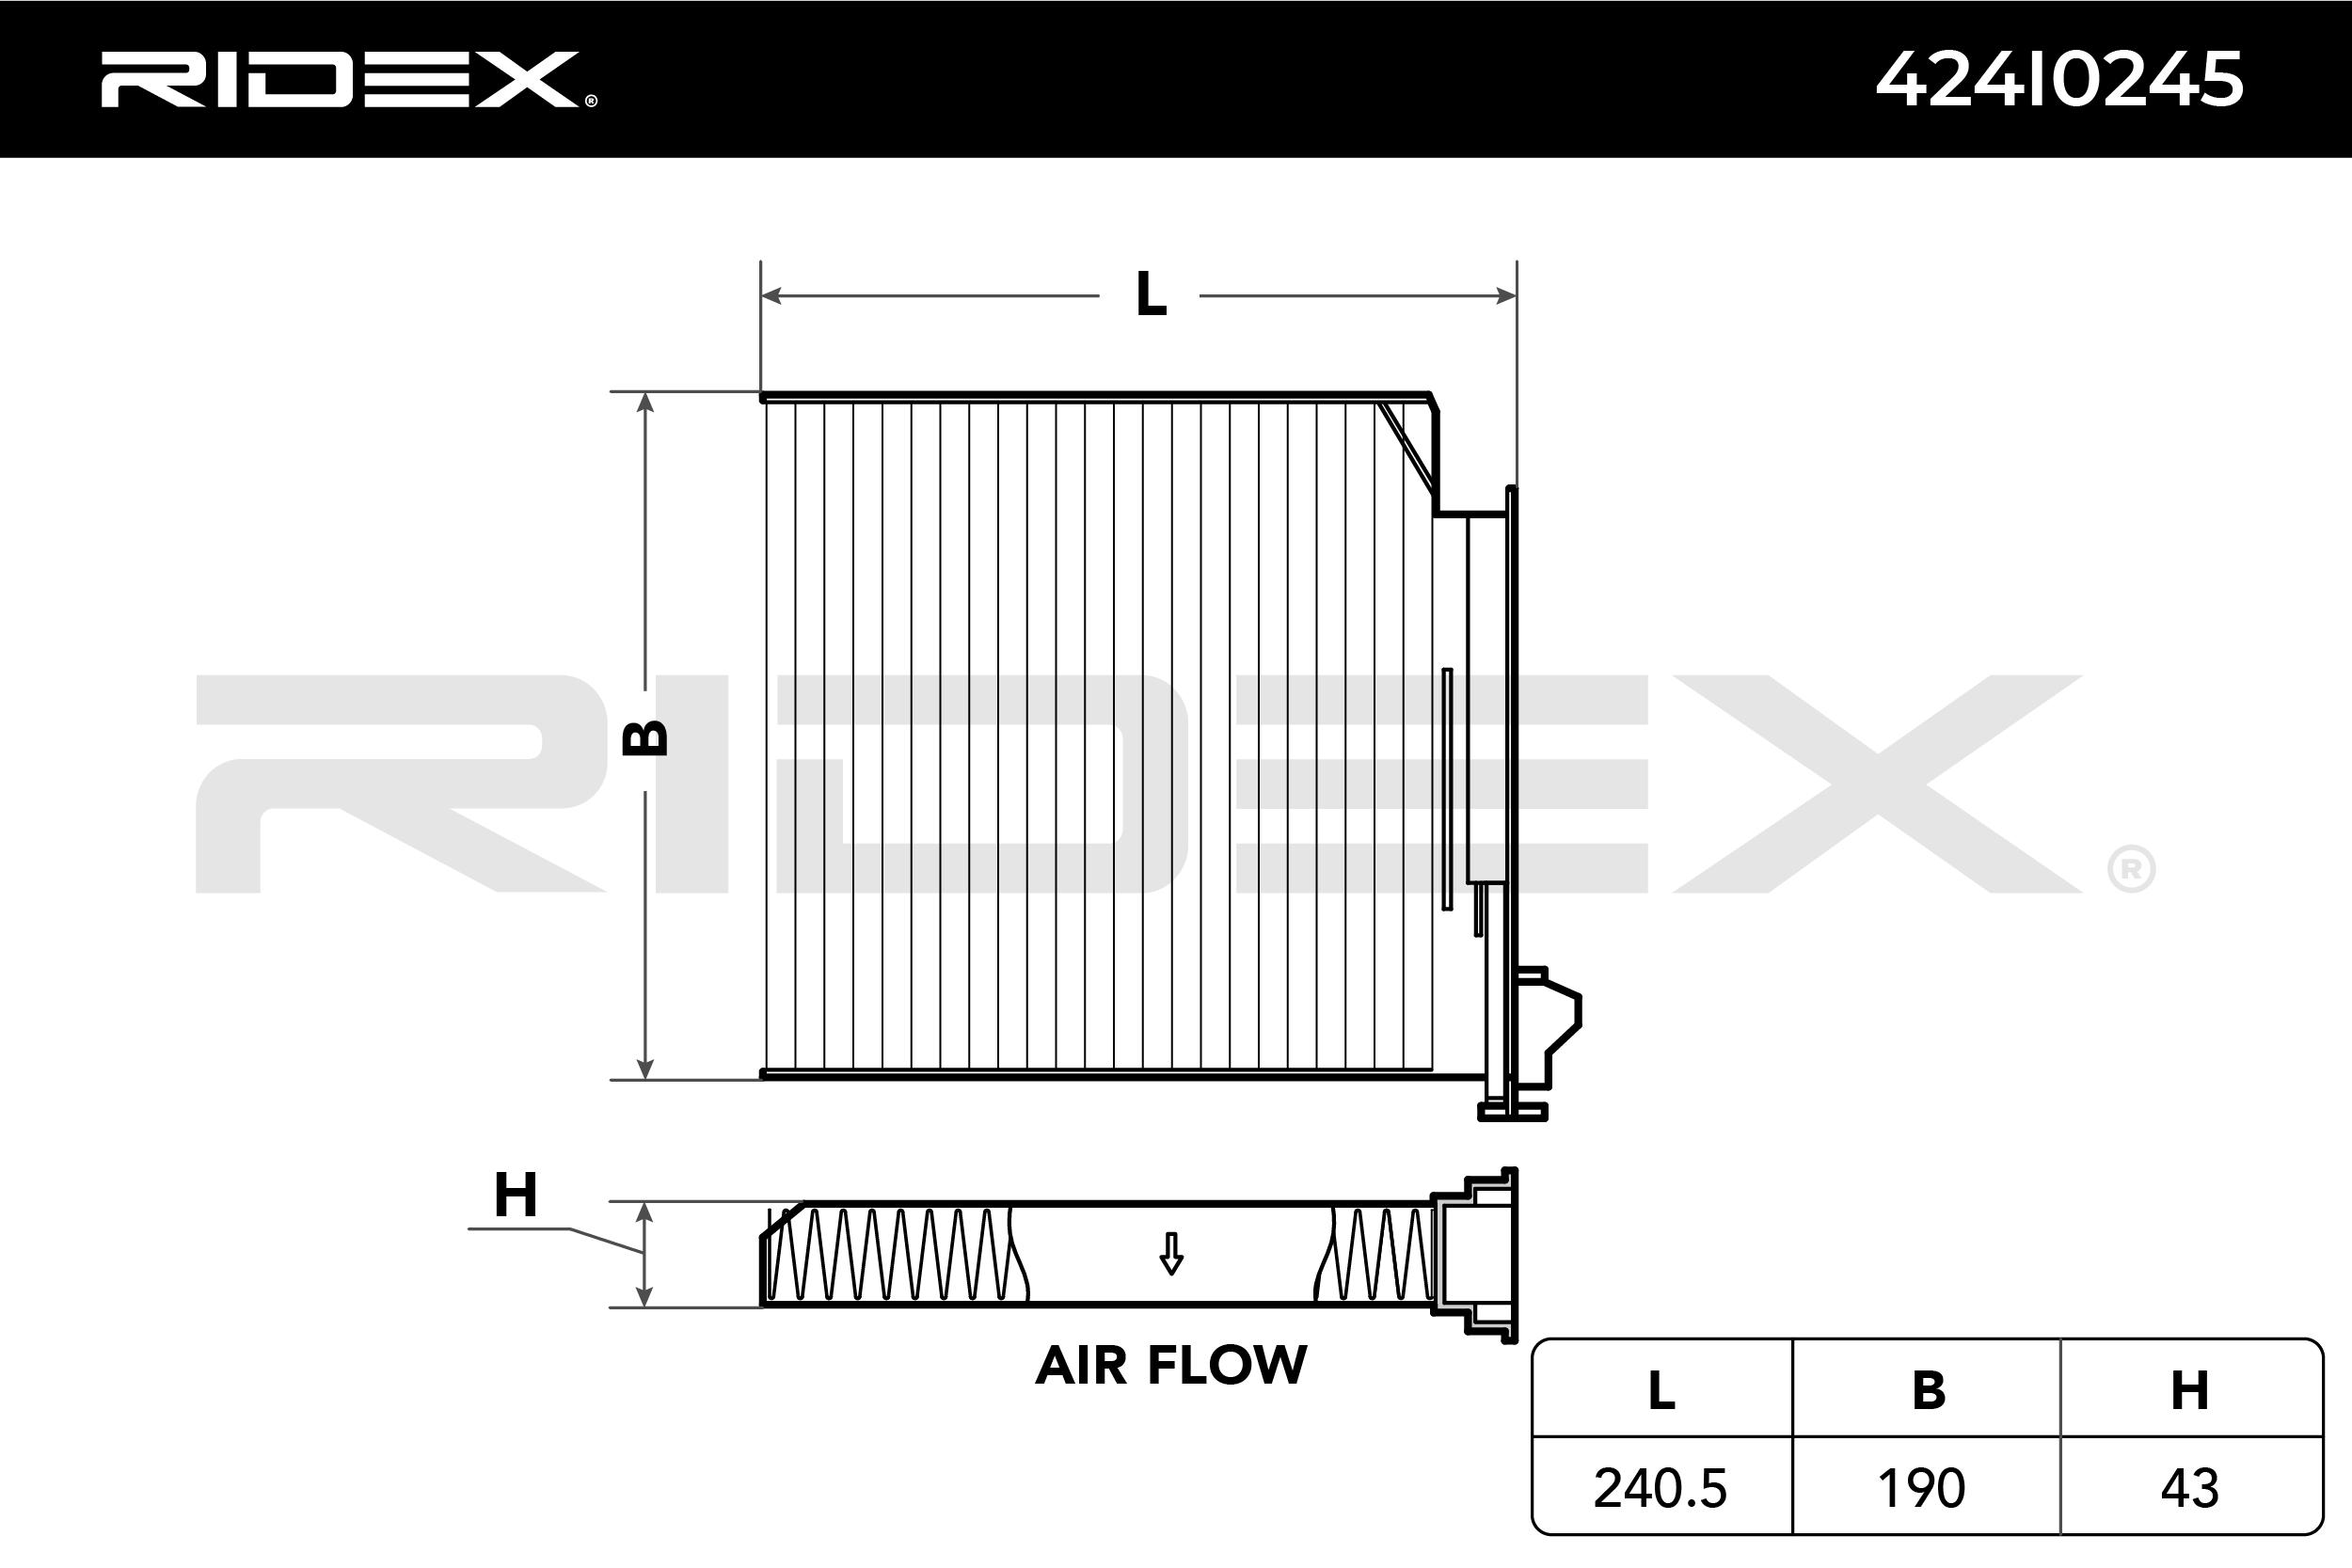 Achat de 424I0245 RIDEX Cartouche filtrante, Filtre à particules Largeur: 190.0mm, Hauteur: 43.0mm Filtre, air de l'habitacle 424I0245 pas chères